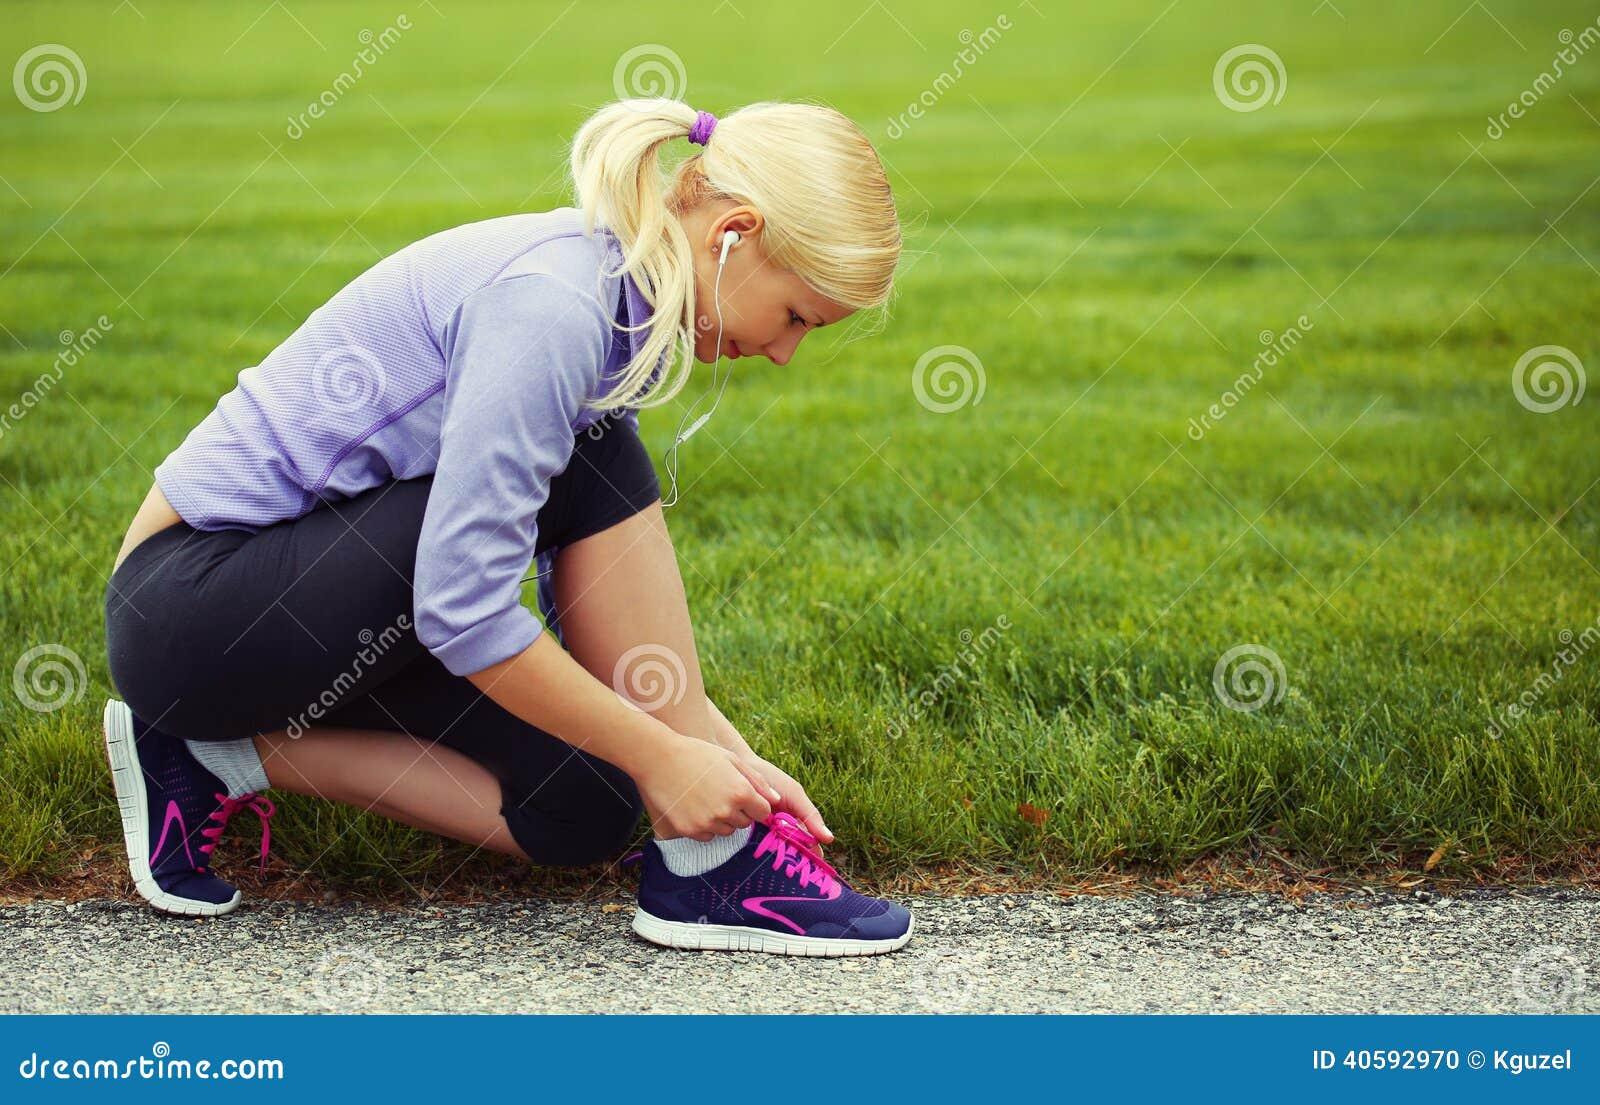 Woman Runner Tying Running Shoes. Blonde Girl Over Grass ...